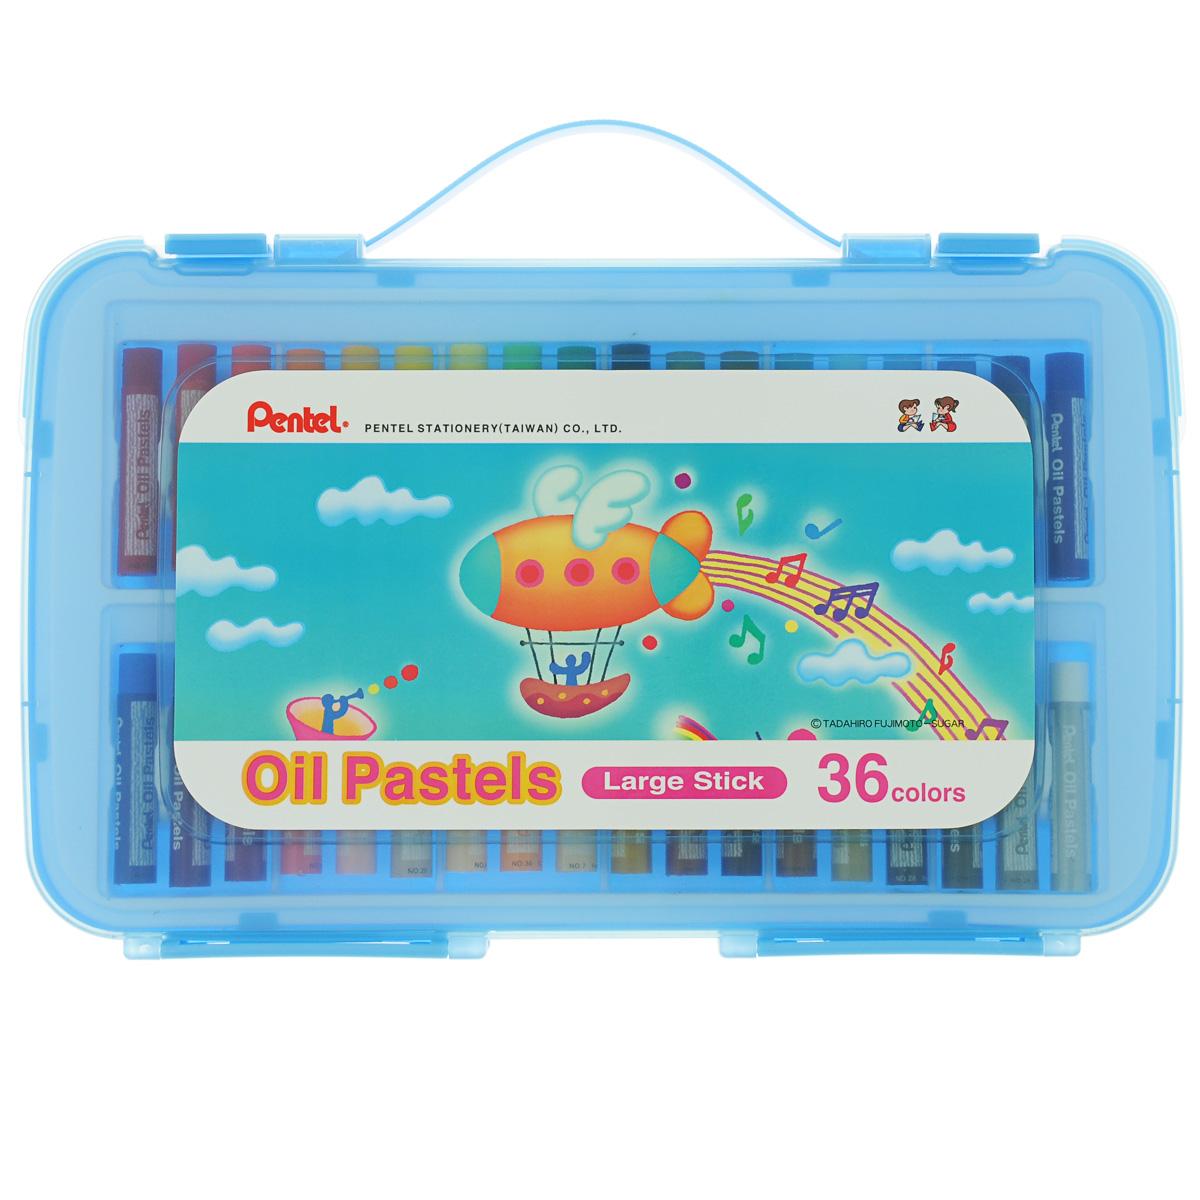 Пастель масляная Pentel Oil Pastels, в цветном боксе, 36 цветов128324Пастель масляная Pentel Oil Pastels изготовлена из натуральных компонентов и не содержит вредных примесей. Соответствует европейскому стандарту качества EN71, утвержденному для детских товаров. Пастелью можно рисовать в любой технике (в сочетании с цветными карандашами, красками). При работе пастелью лучше использовать шероховатые поверхности - специальные бумаги, картон, холст. Пастель отличают яркие долговечные цвета, стойкие к воздействию света. Легко наносится на поверхность, образуя как яркие насыщенные цвета, так и легкие полутона и тени. Для удобства использования краски имеют форму мелков с увеличенным диаметром. Набор упакован в пластиковый бокс. Длина мелка: 6 см. Количество цветов: 36.